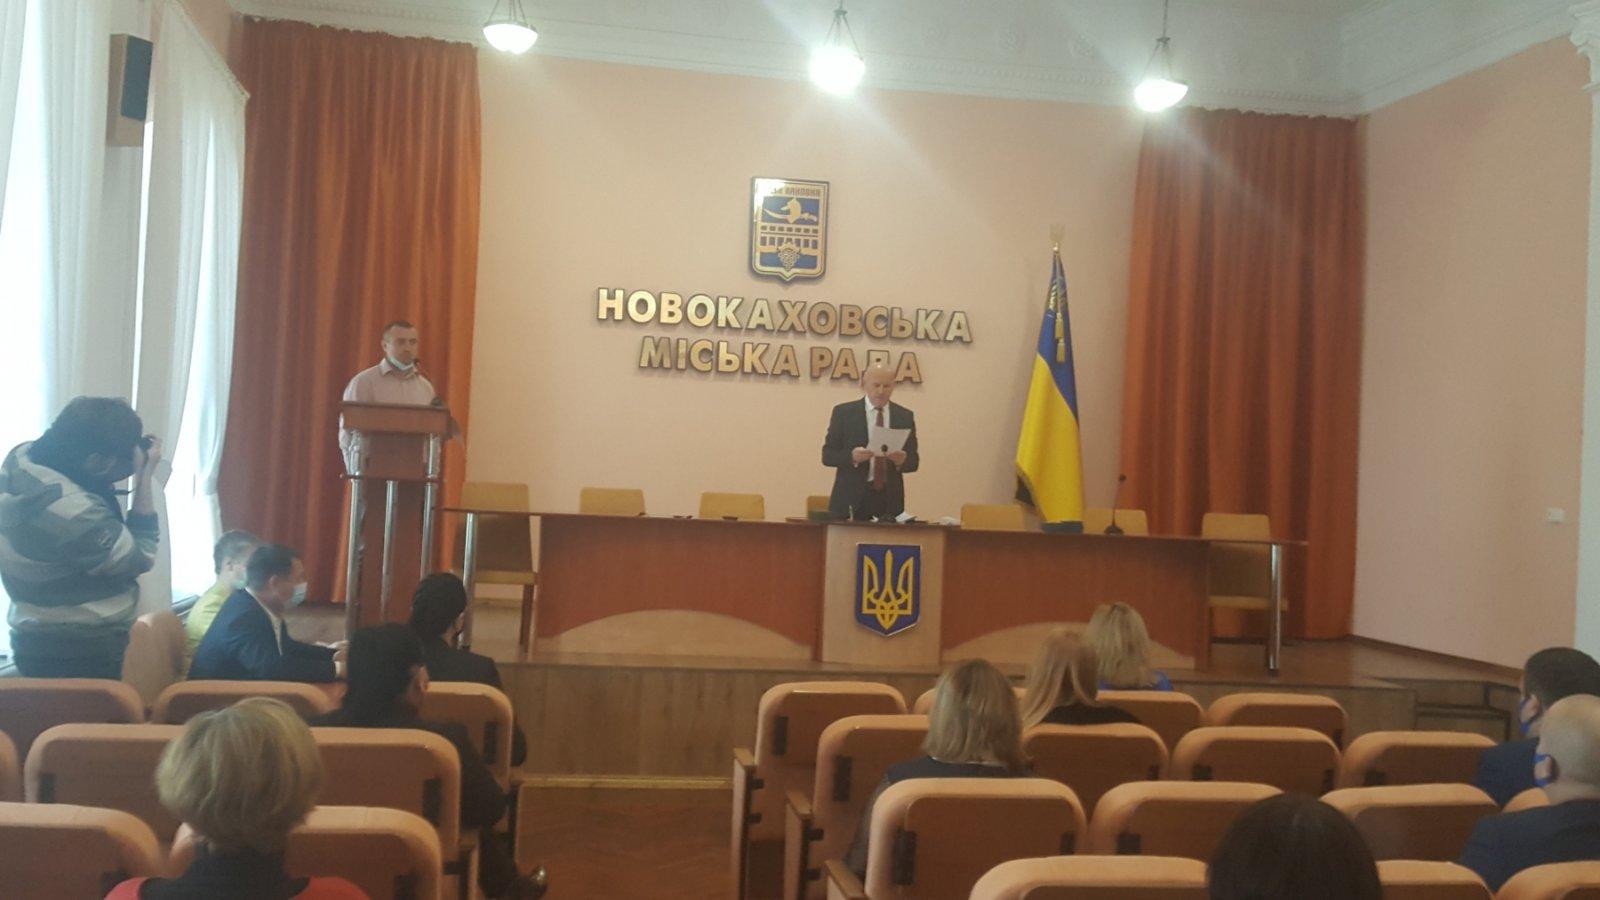 Перша сесія Новокаховської міськради: молоді депутати, нові обличчя у владі